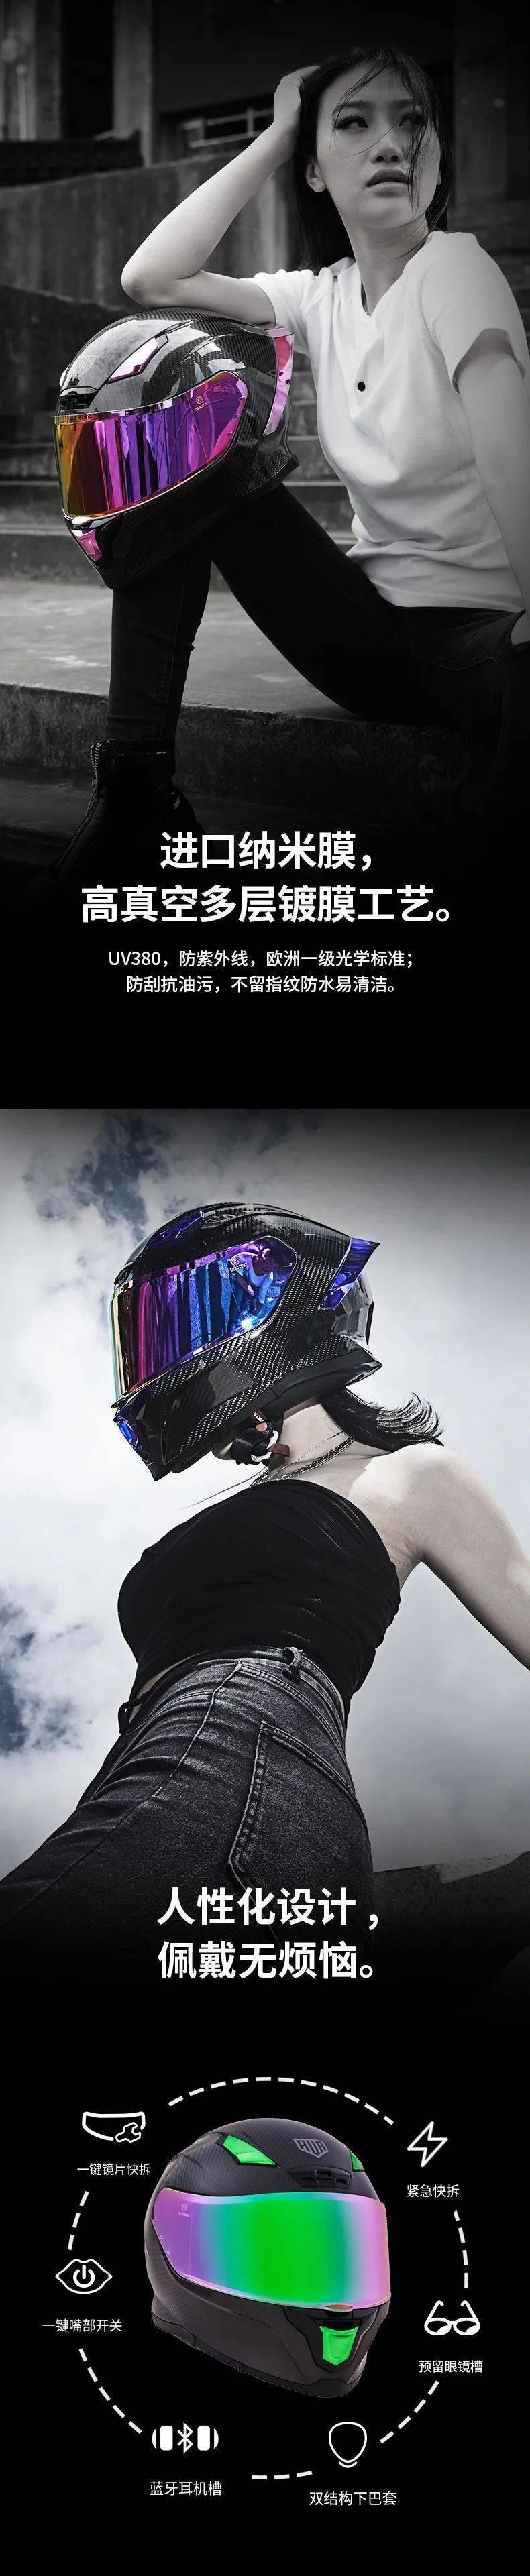 """如果让你头上顶着""""闪电""""骑车会不会很酷?这道""""闪电""""头盔不足3000元就可以买到-第12张图片-春风行摩托车之家"""